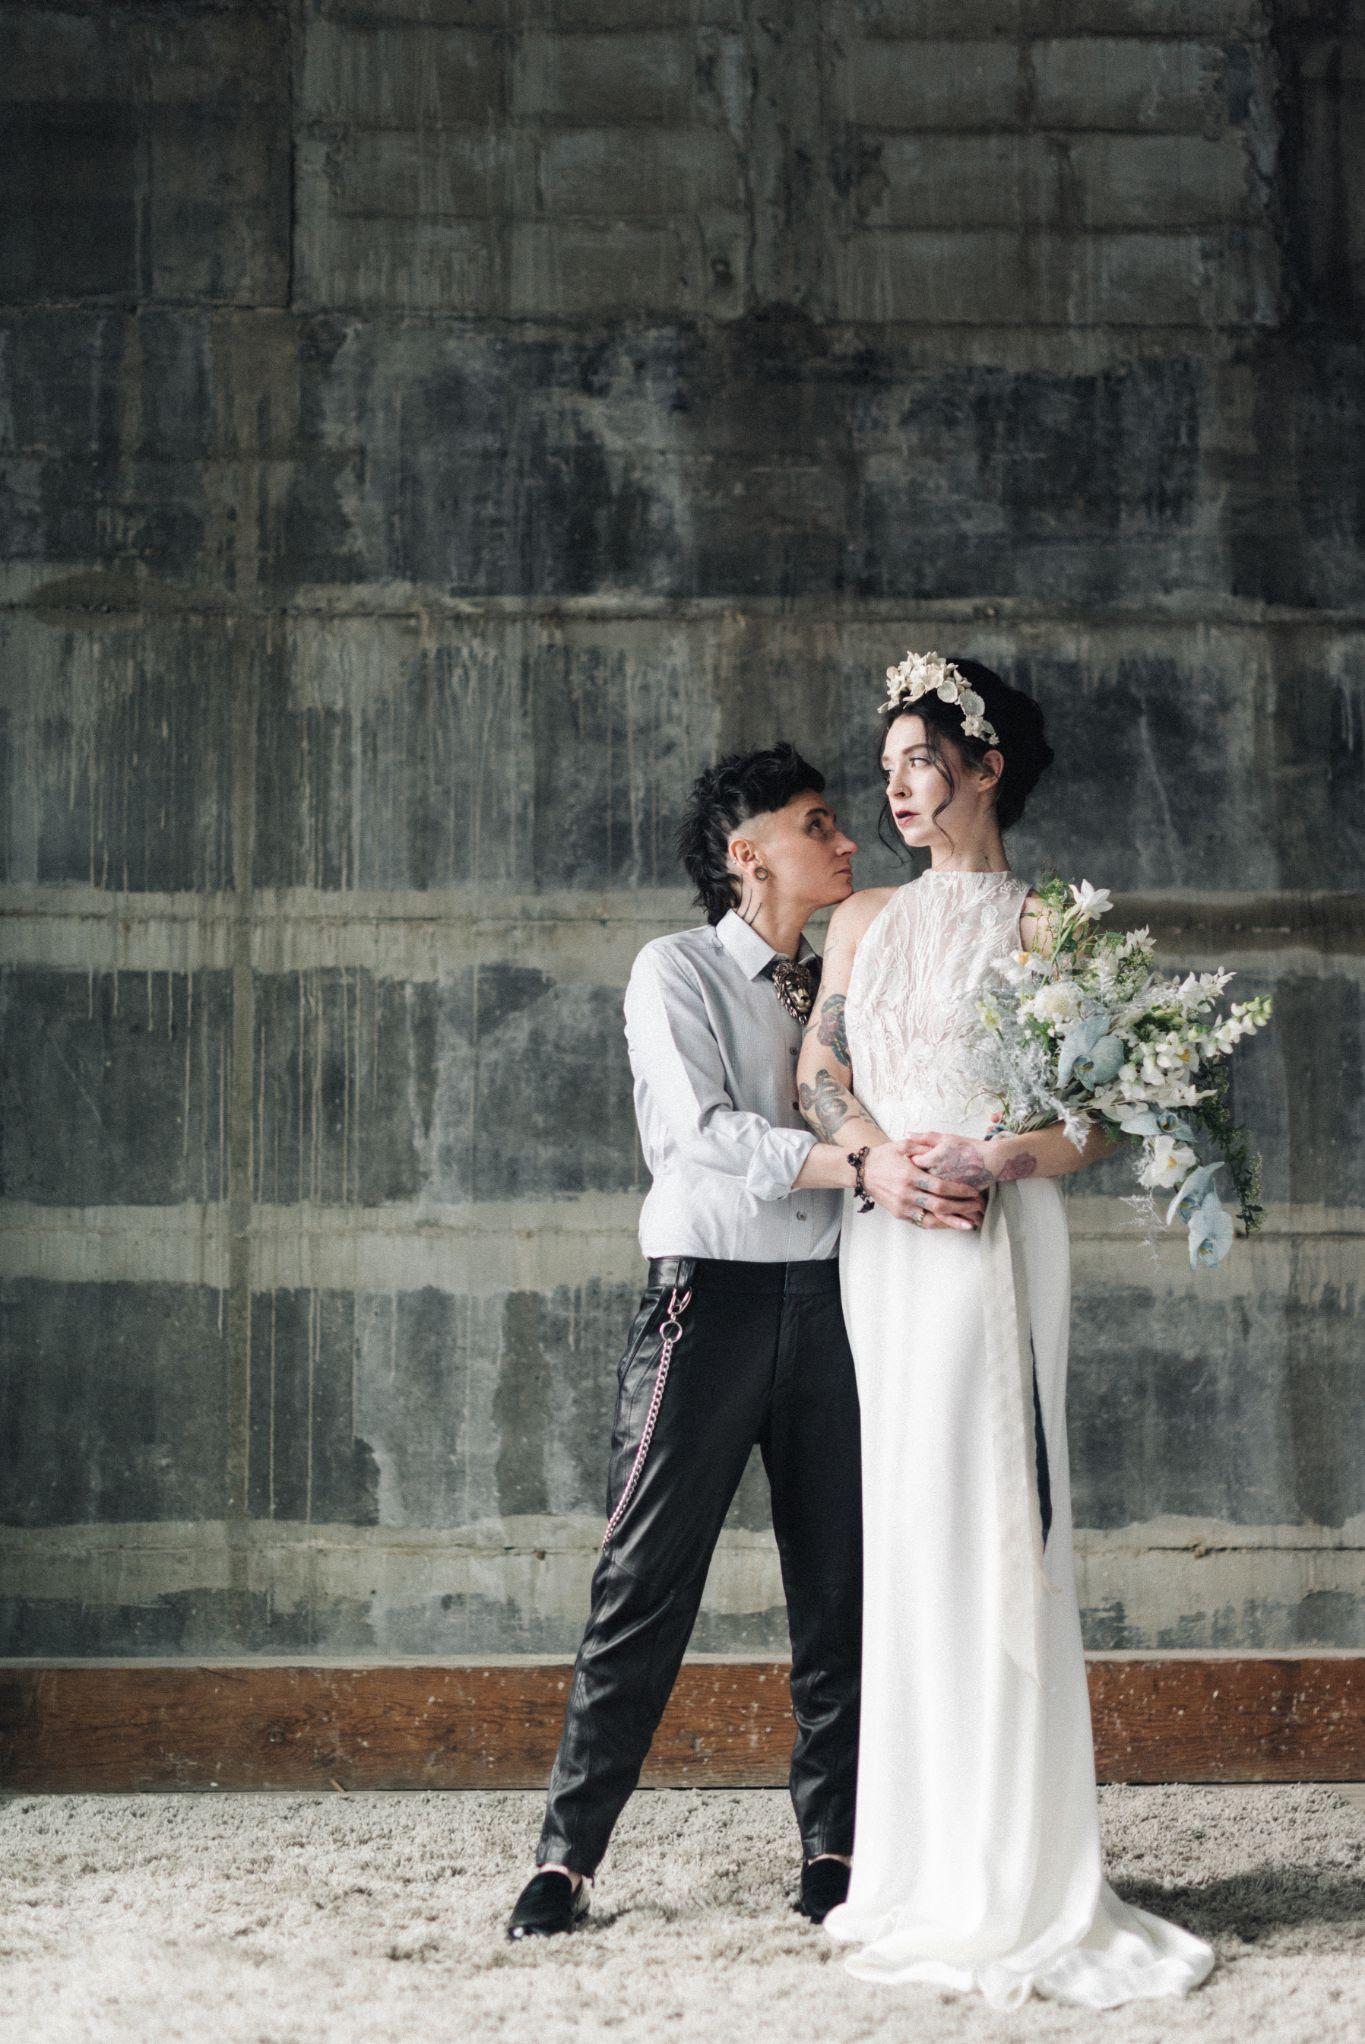 olio-peabody-boston-lesbian-wedding-style-daylynn-designs99.jpg